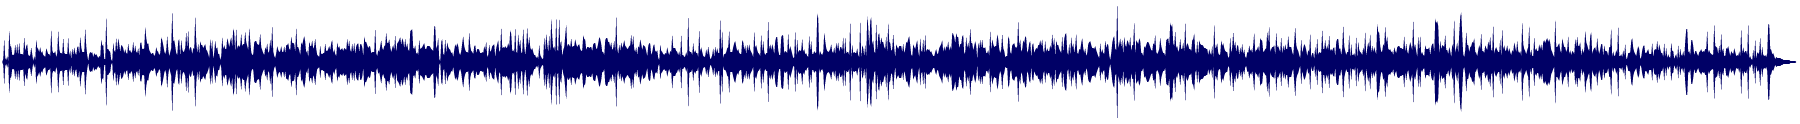 waveform of track #37557